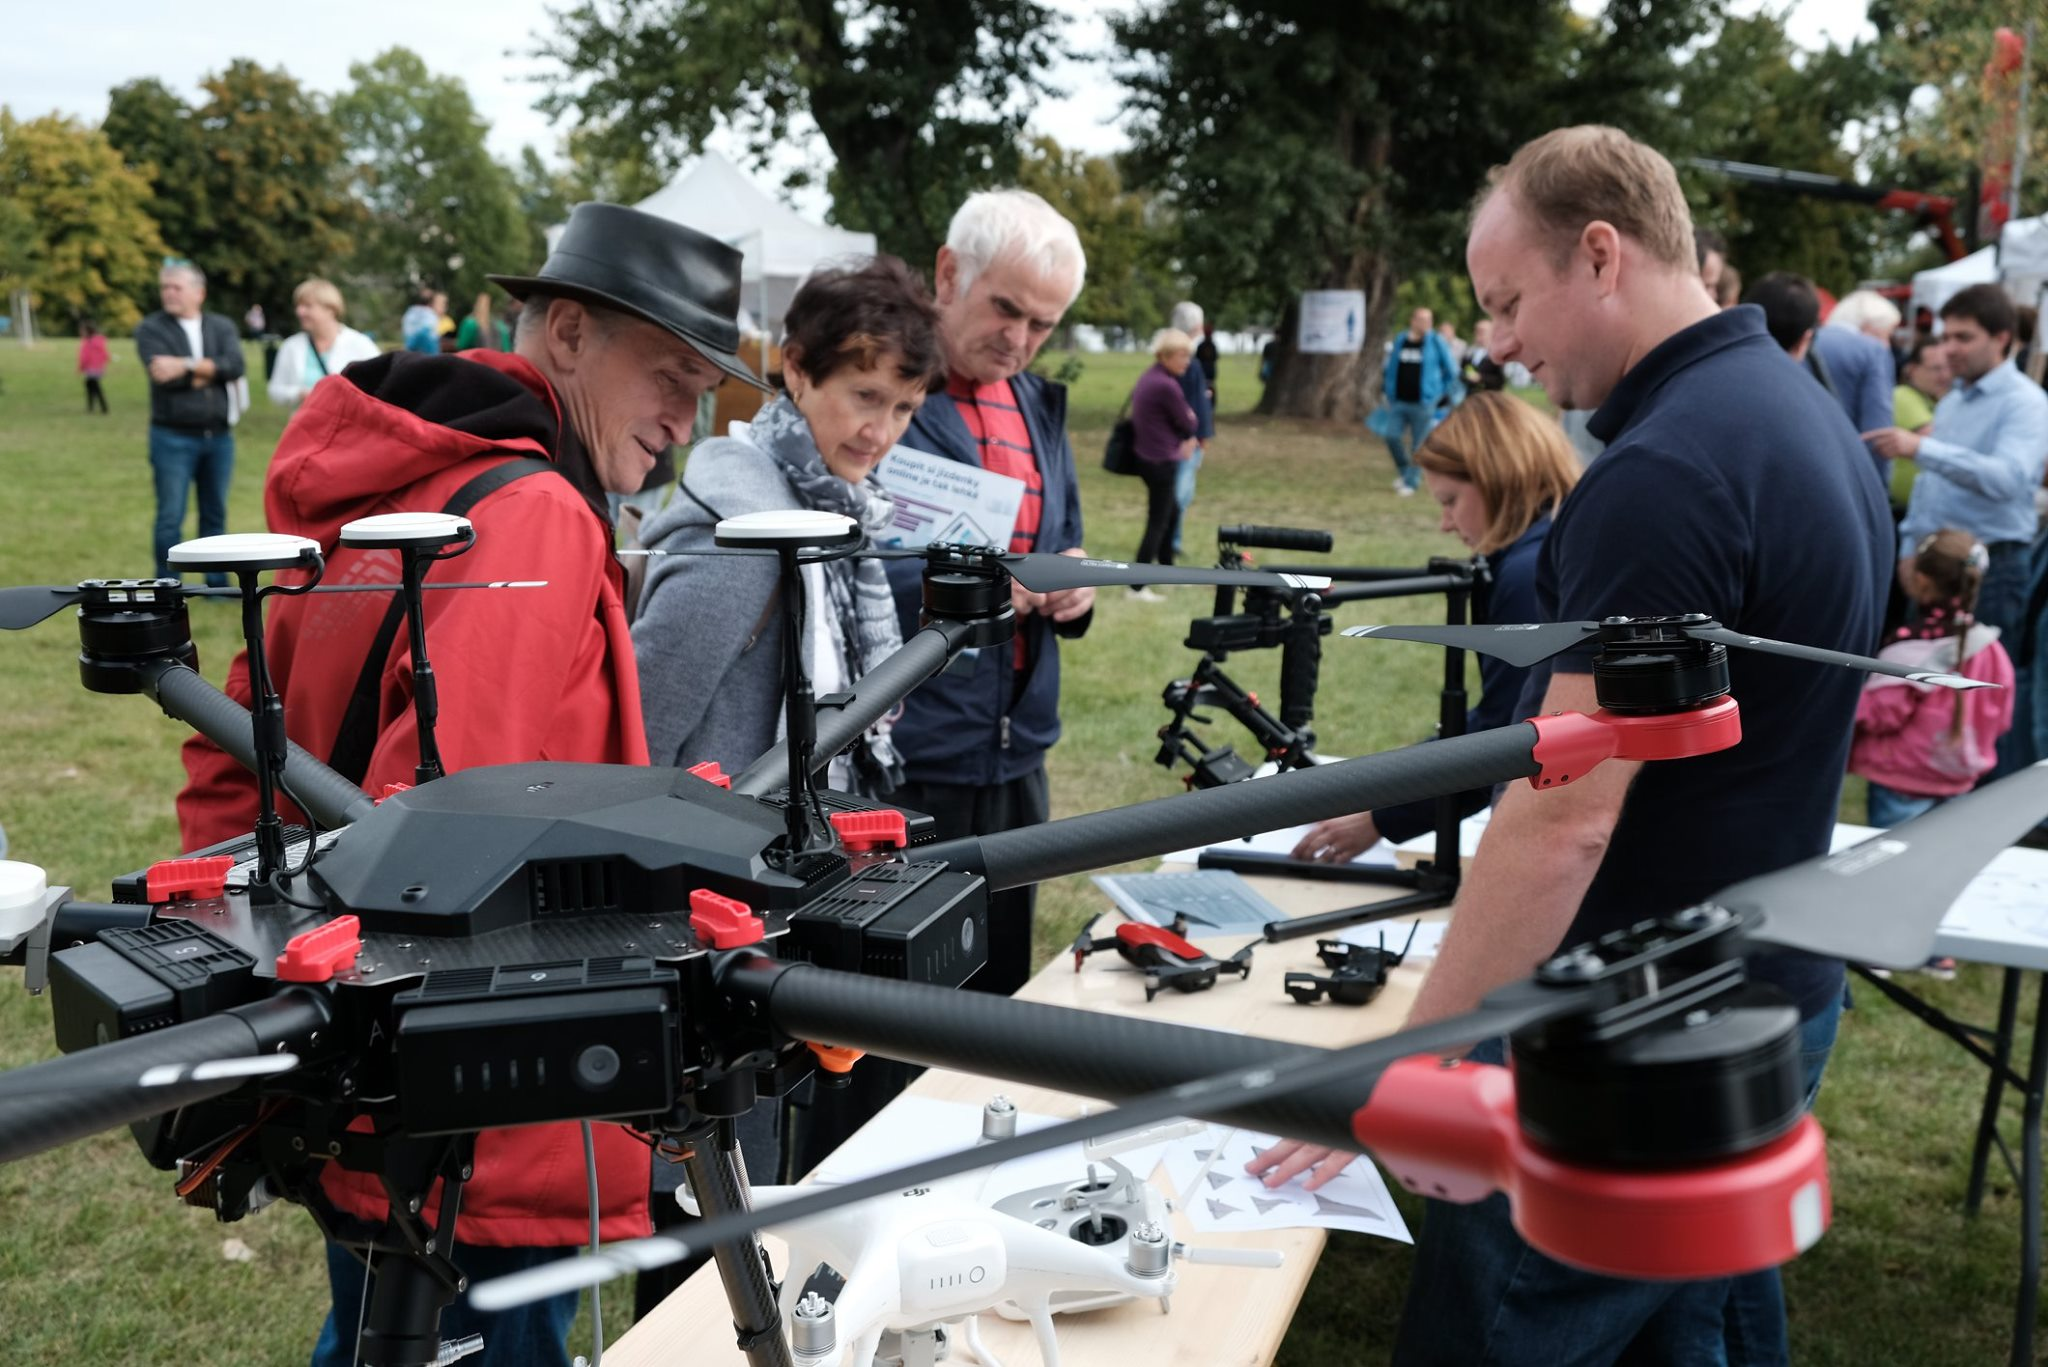 Vystavovali jsme drony na Dni otevřených dveří Ministerstva dopravy na Štvanici